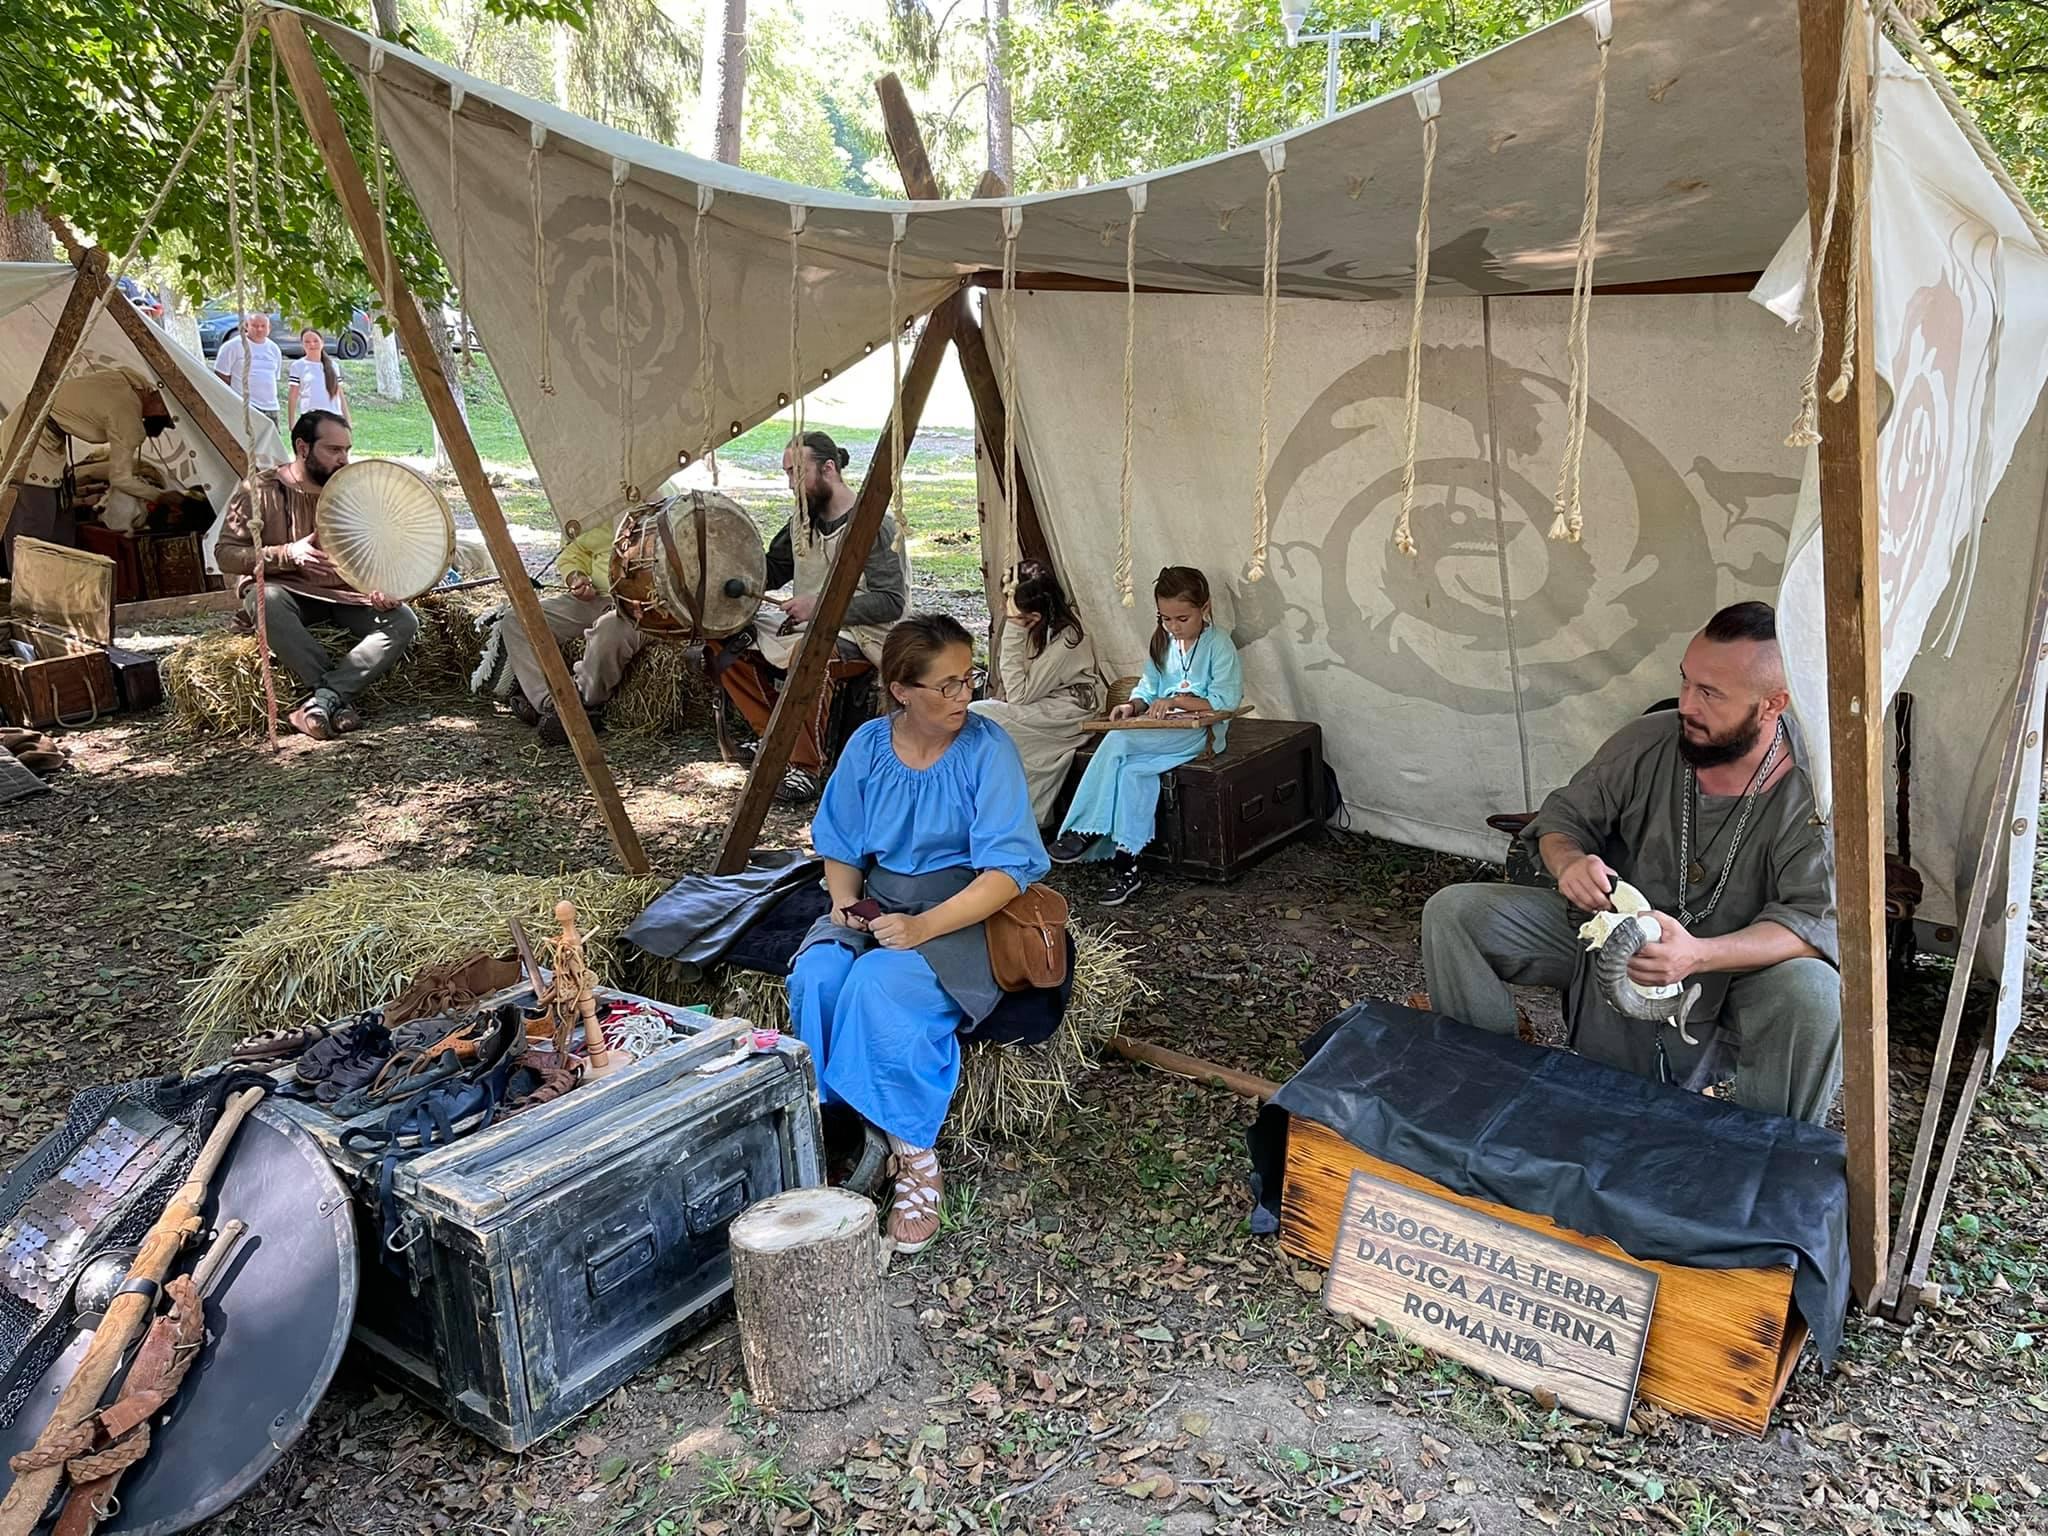 """Festival antic """"AQUA SACRA GERMISARA"""". Ateliere, lupte daco-romane, ritualuri din viața civilă a romanilor sau lupte de gladiatori, prezentate la eveniment"""